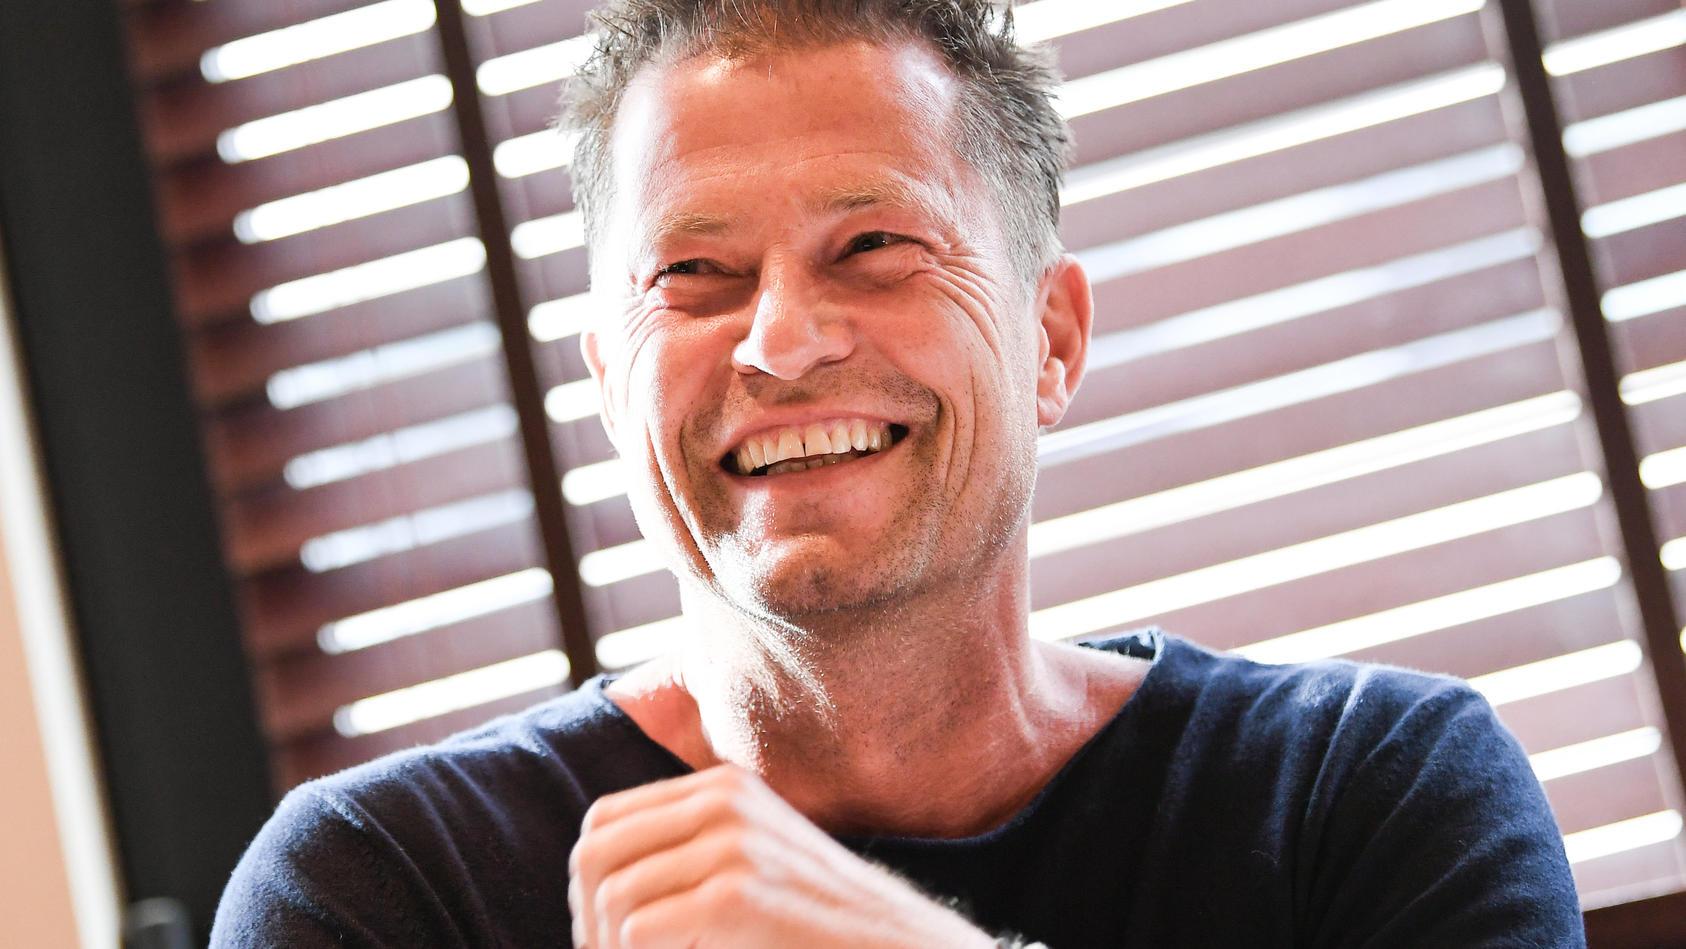 Schauspieler Til Schweiger macht sich nichts draus, dass seine Follower sein neustes Foto kritisieren.